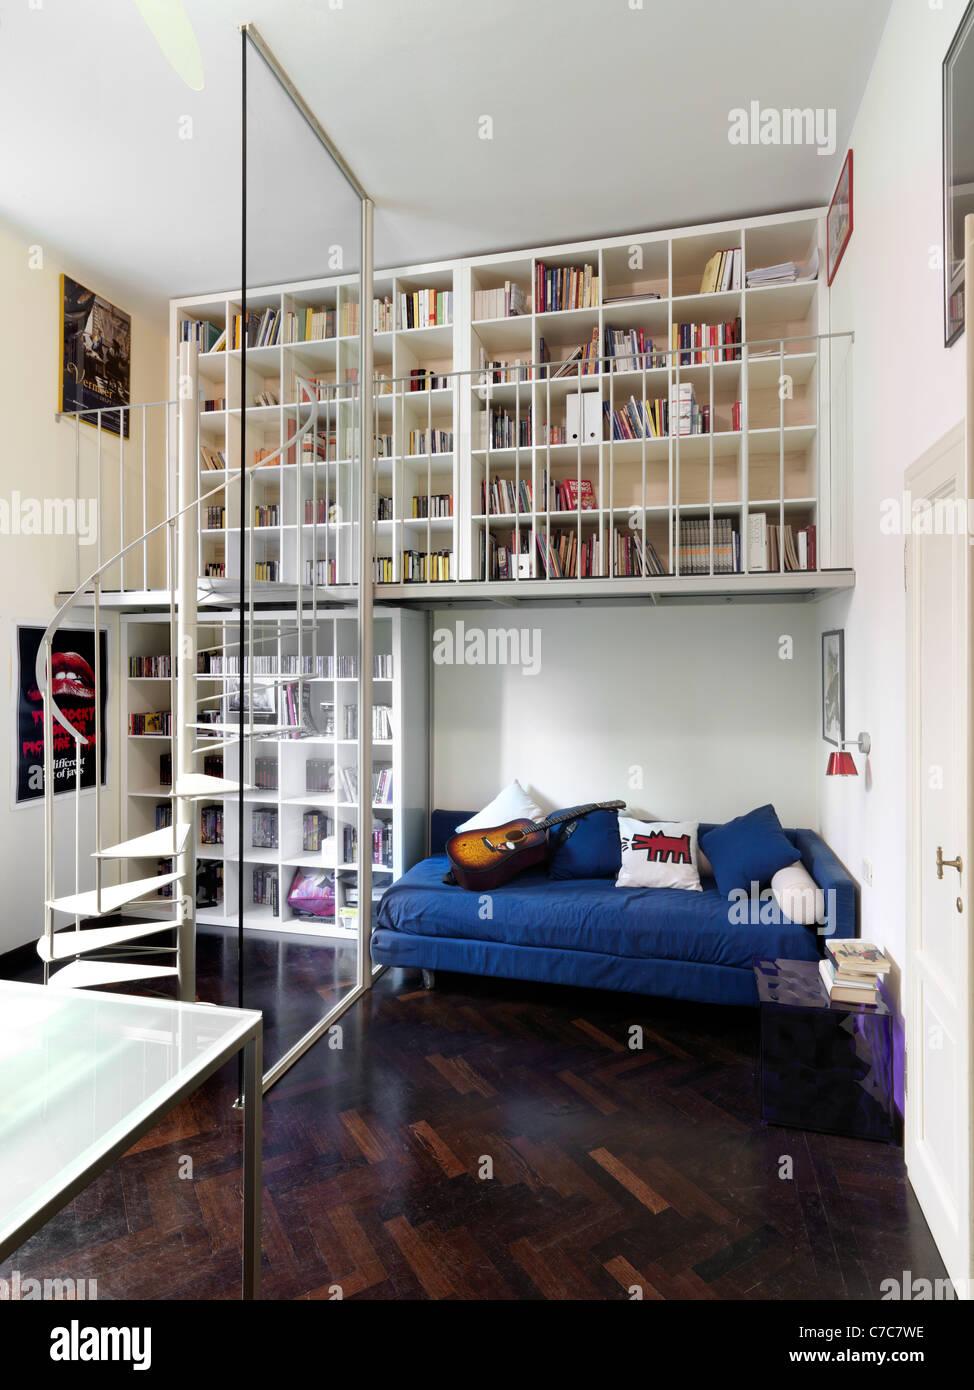 Dormitorio moderno con piso de madera y estantería encima de la cama Imagen De Stock